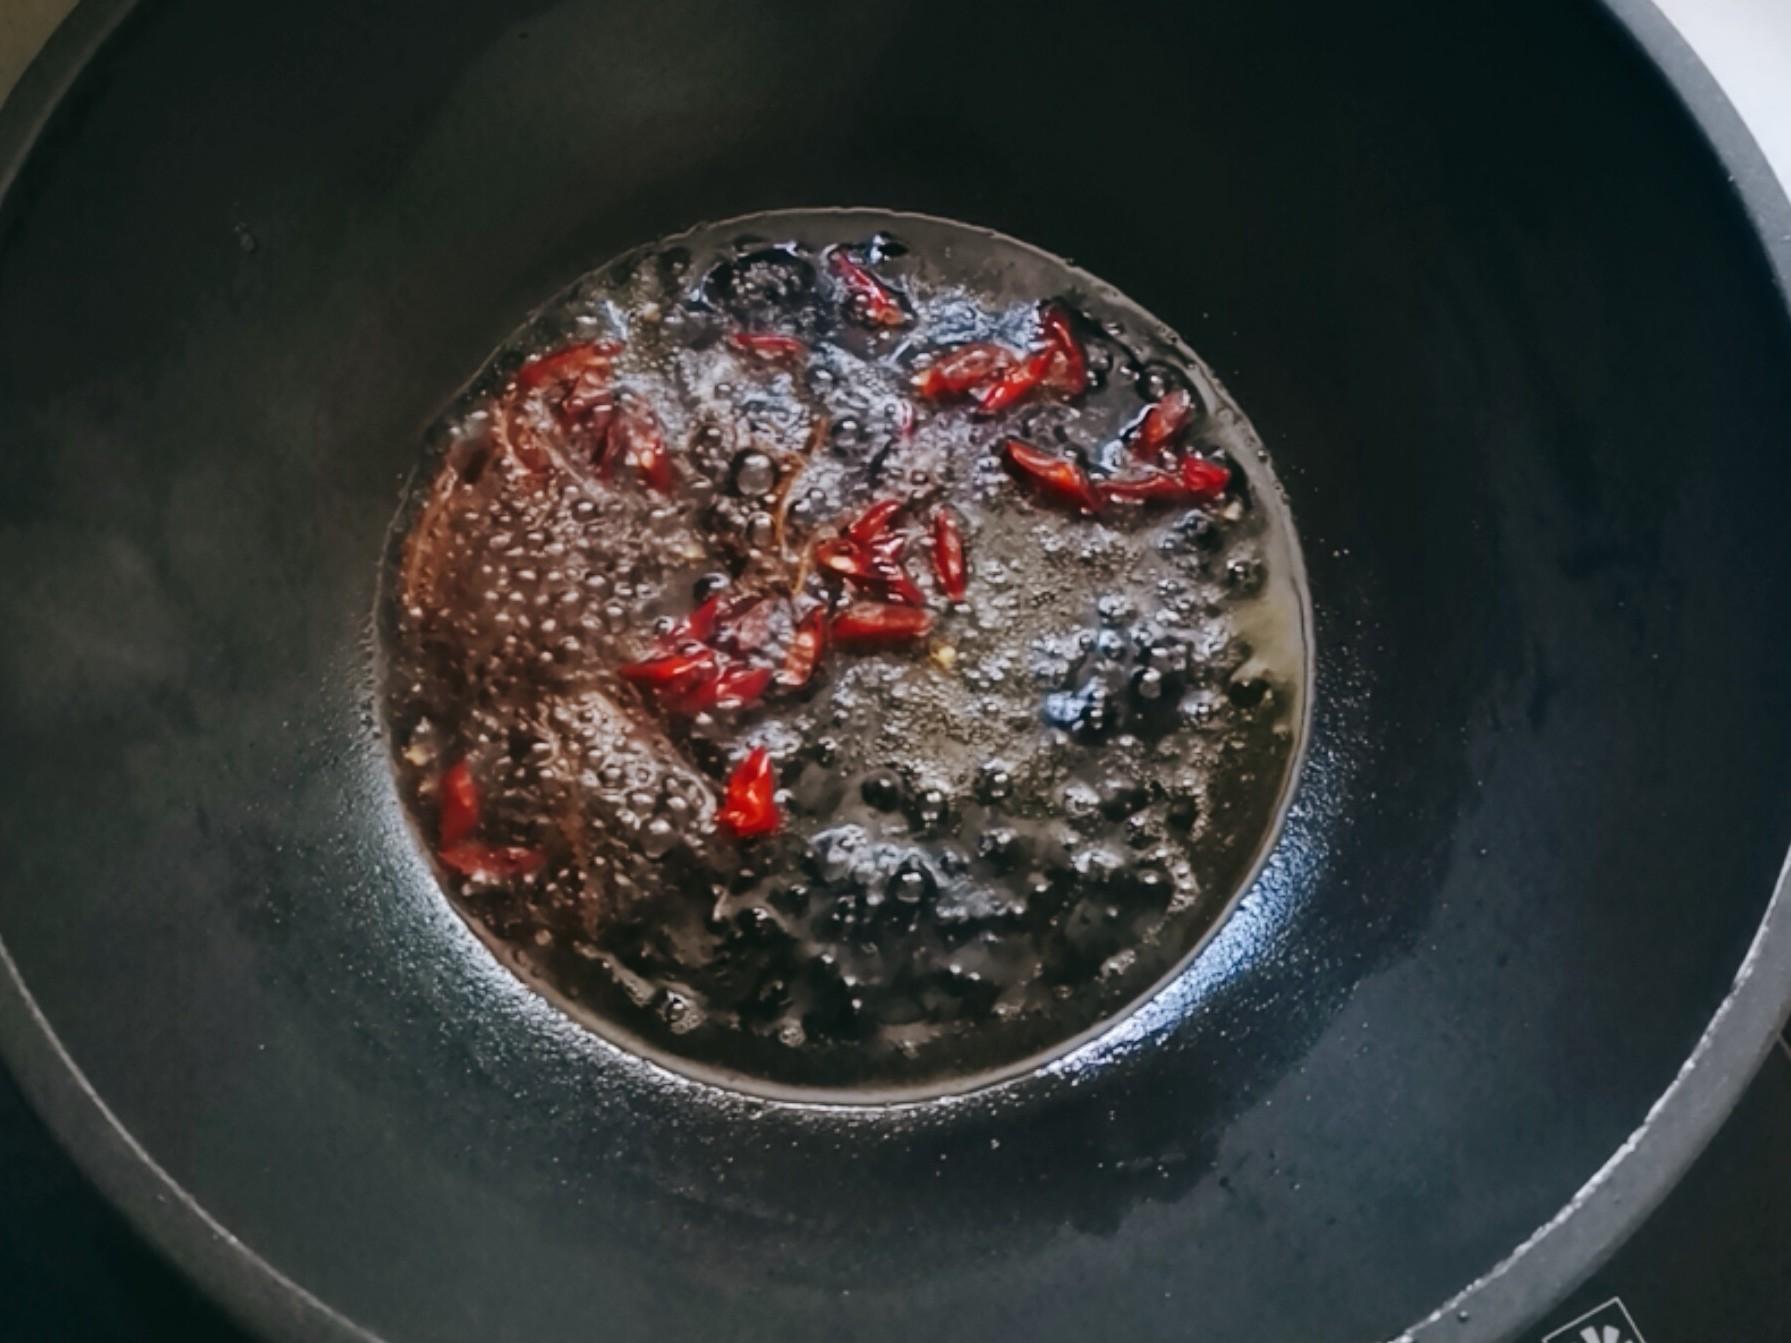 凉拌香椿怎么吃